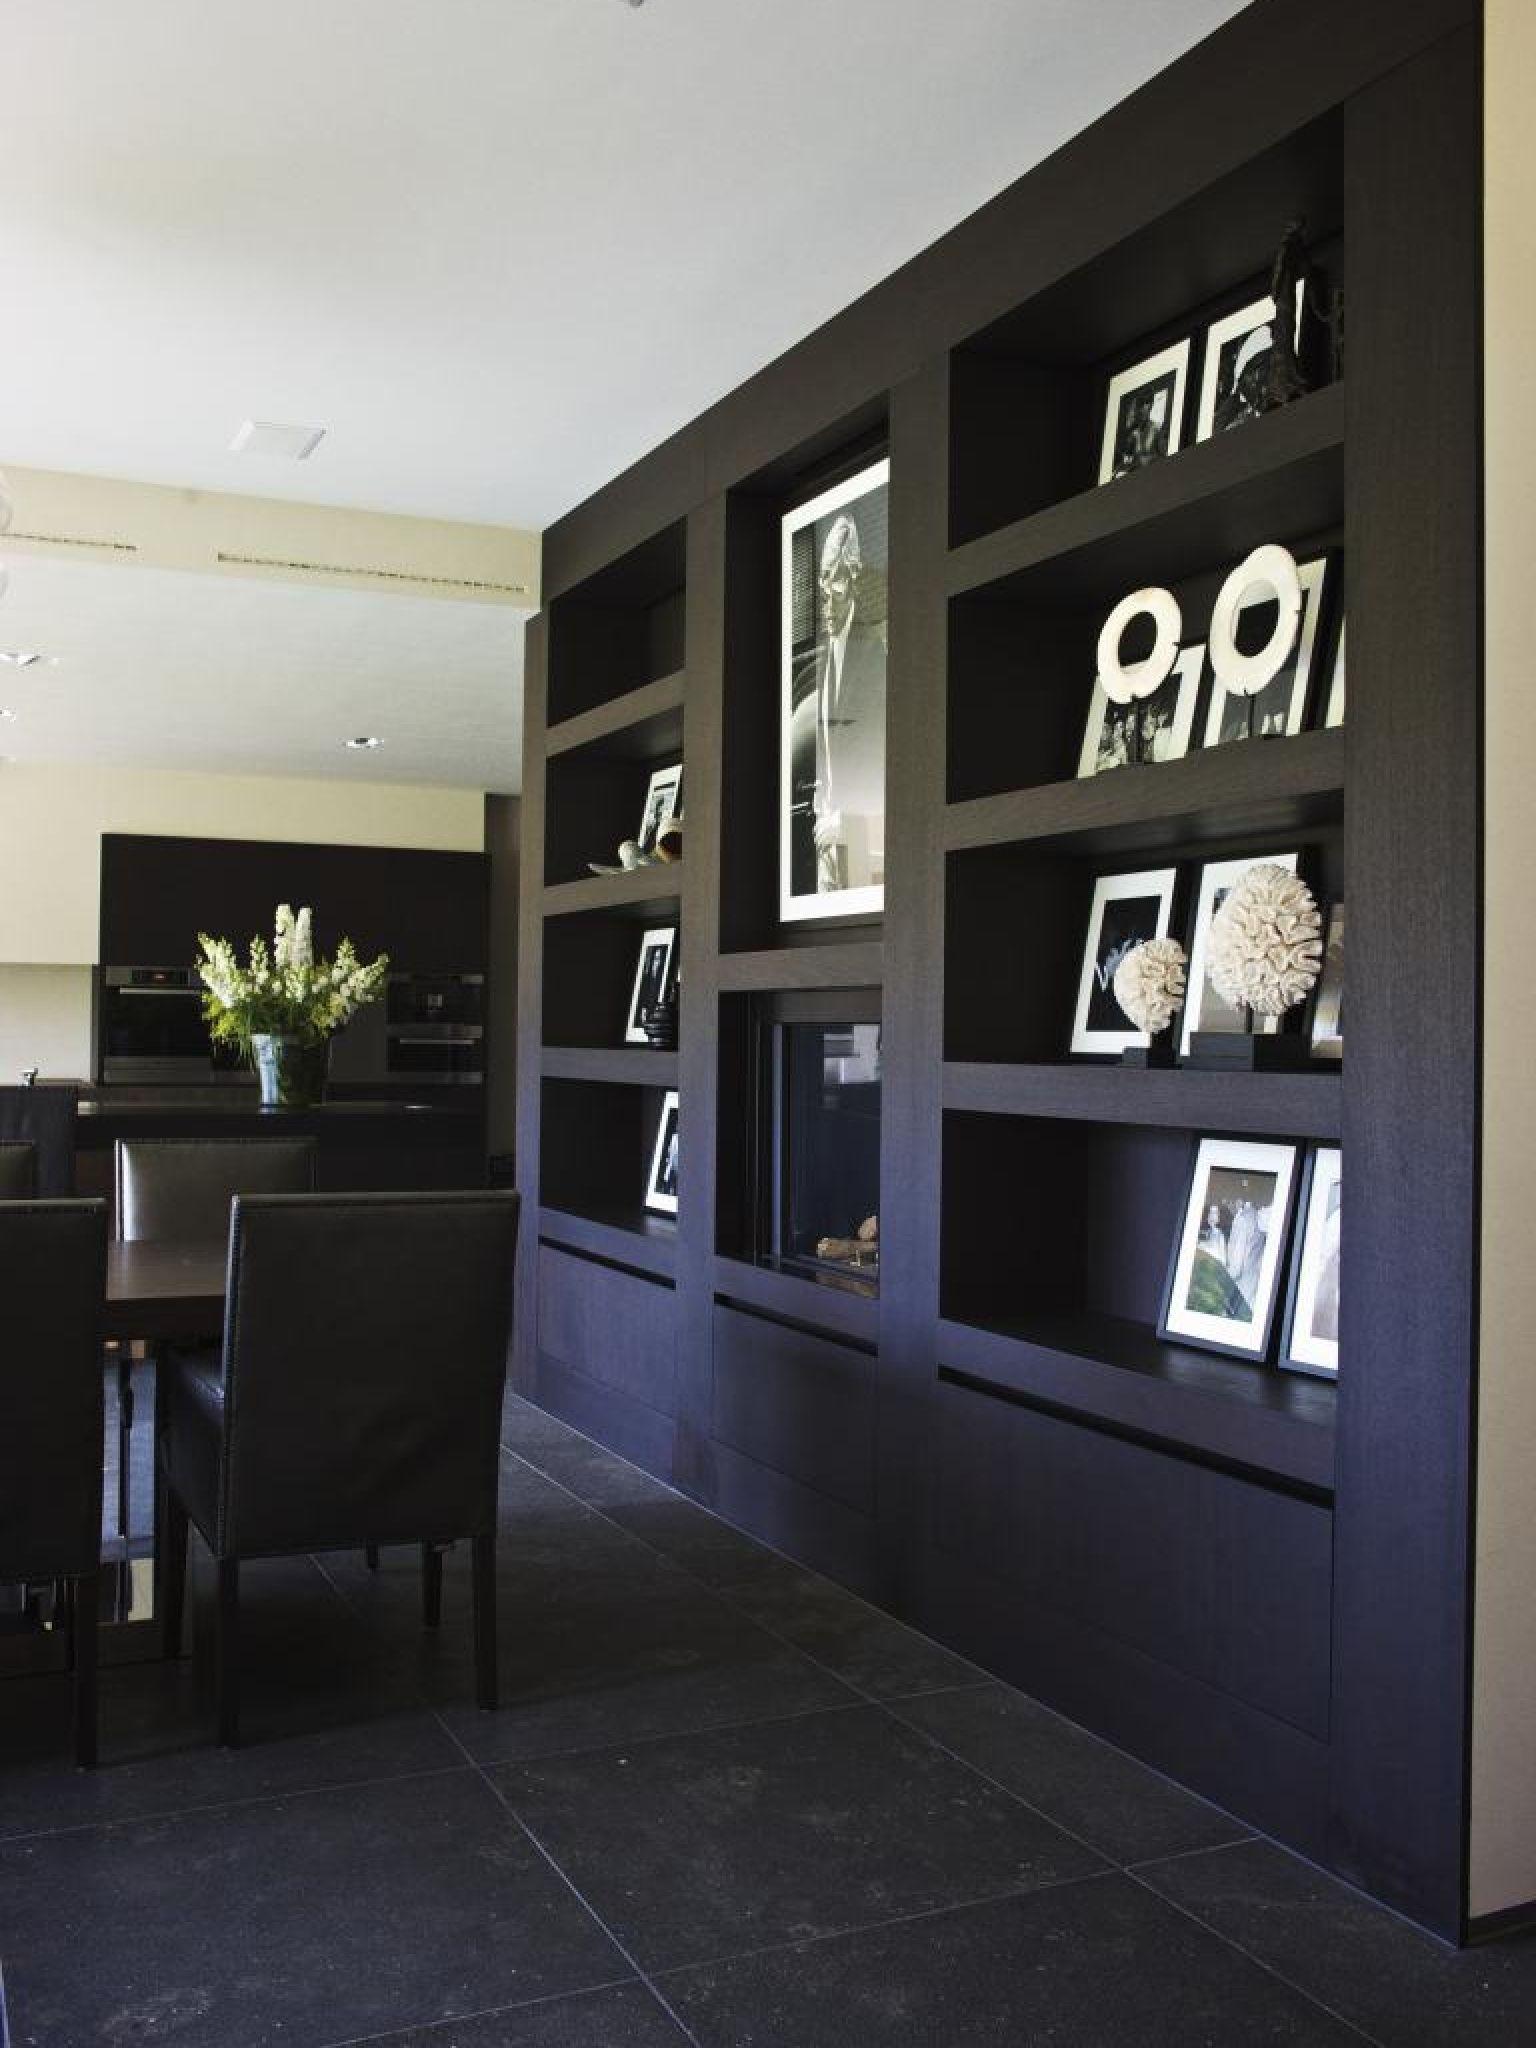 Eetkamer - Interieur | Pinterest - Eetkamer, Kast en Kasten